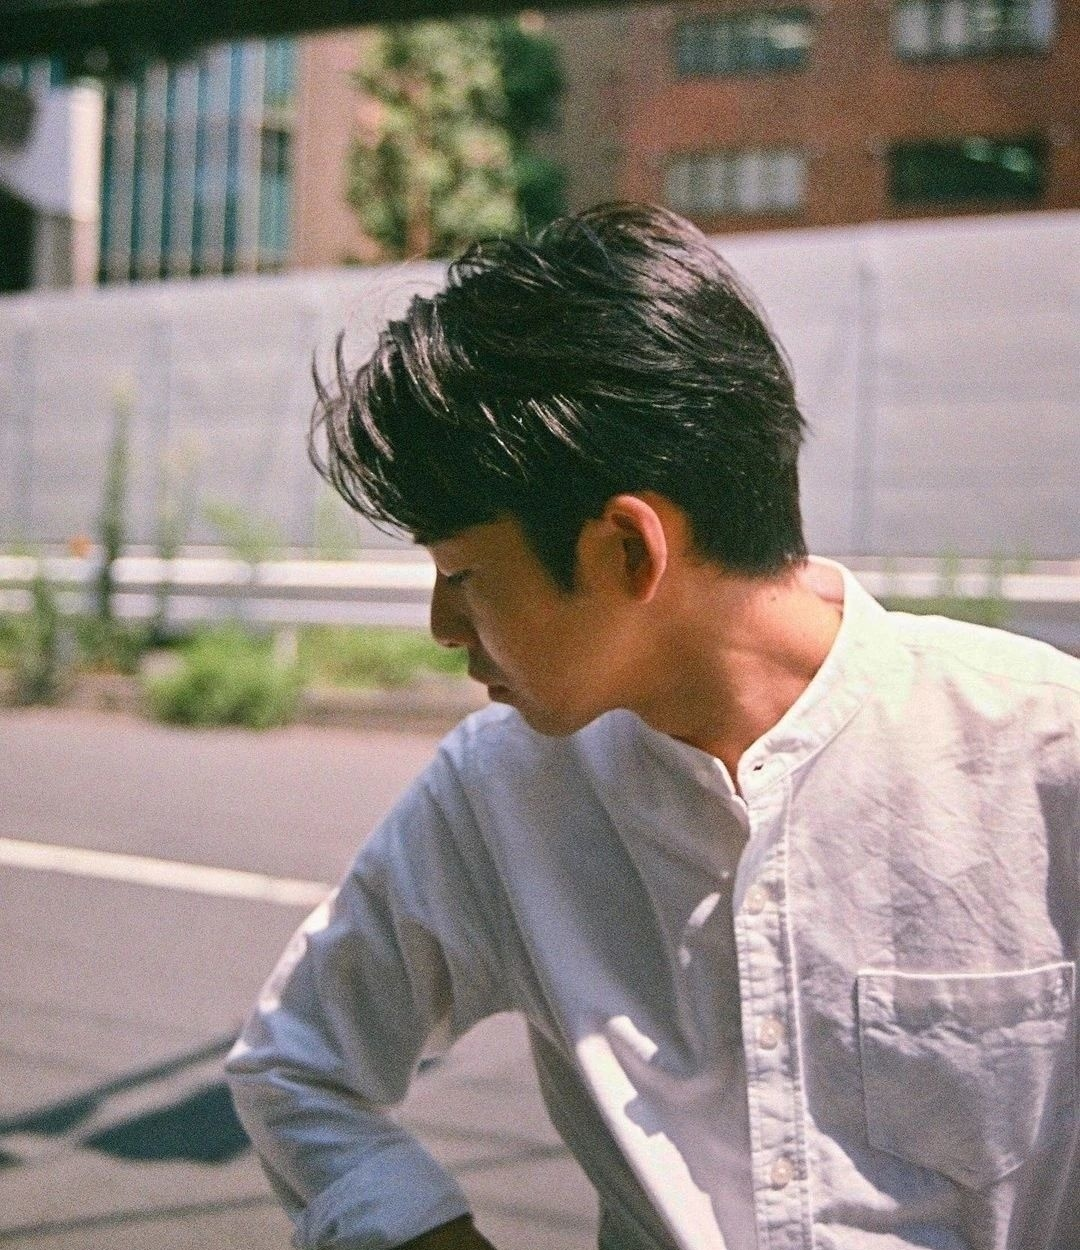 仲野太贺和森川葵这对养眼情侣一起被确诊新冠了 (15)